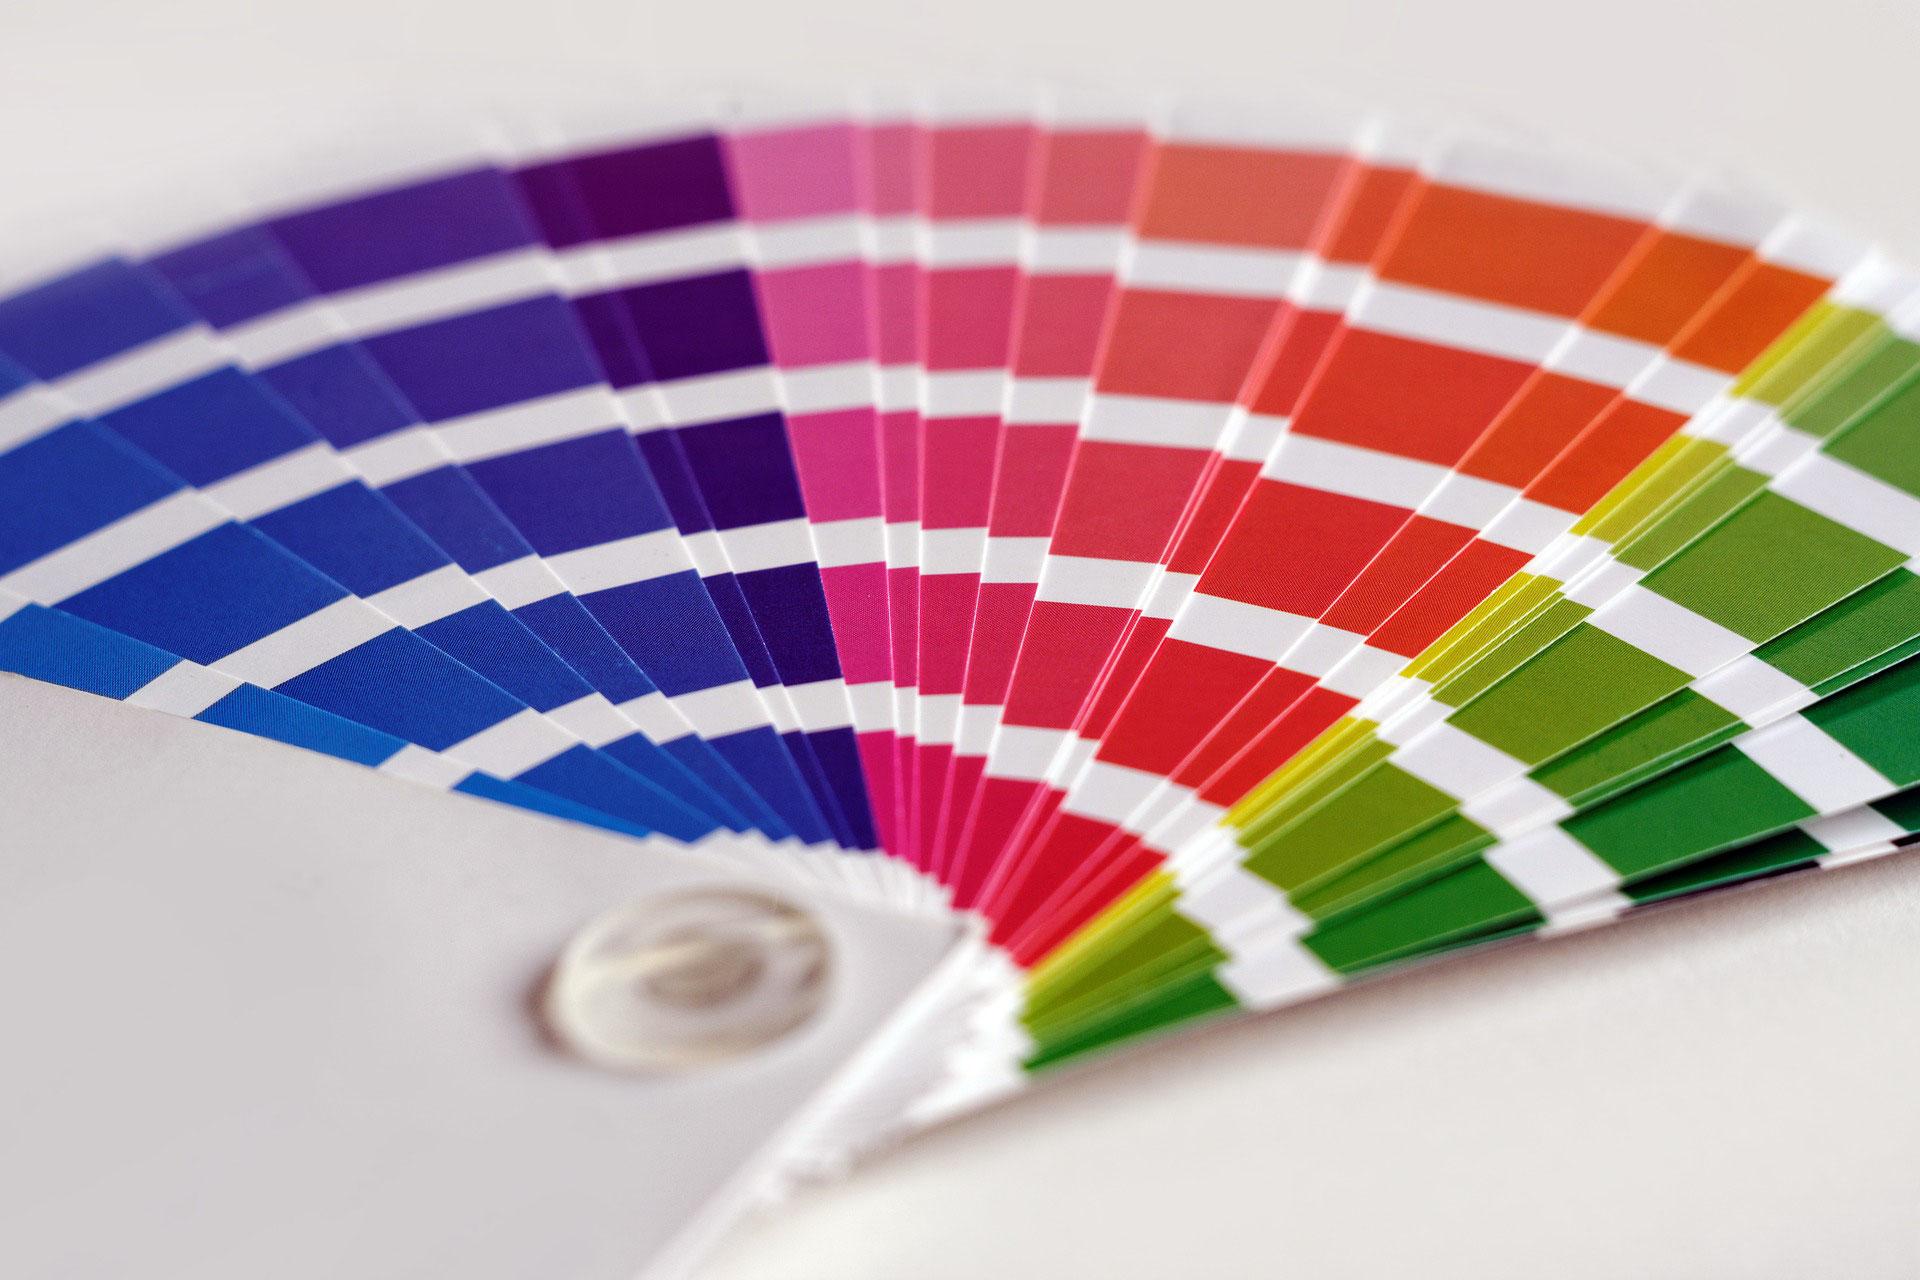 anleitung] latexfarbe erfolgreich überstreichen - so geht's! - der